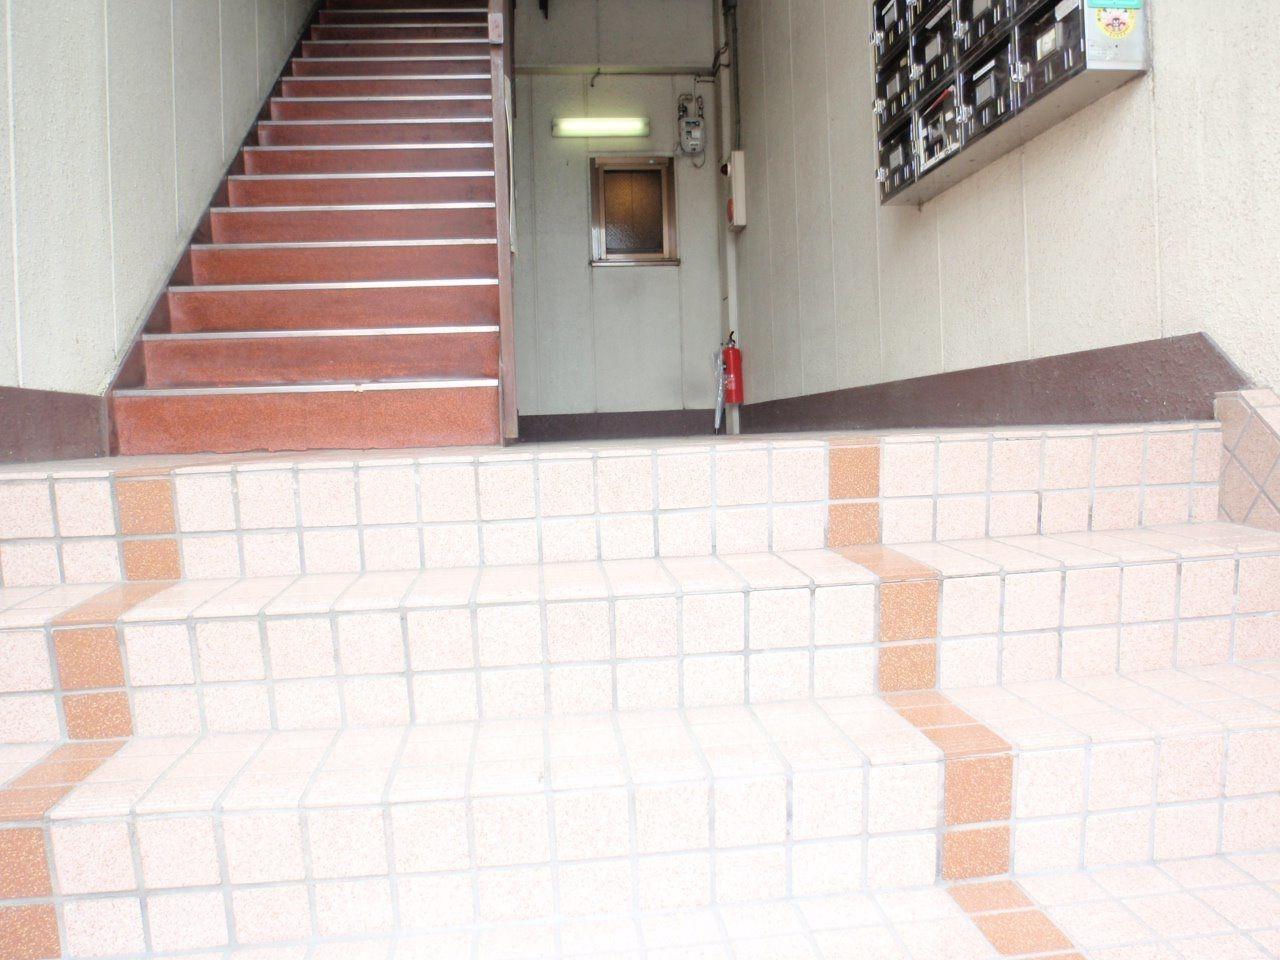 道路から階段をのぼって入口へ